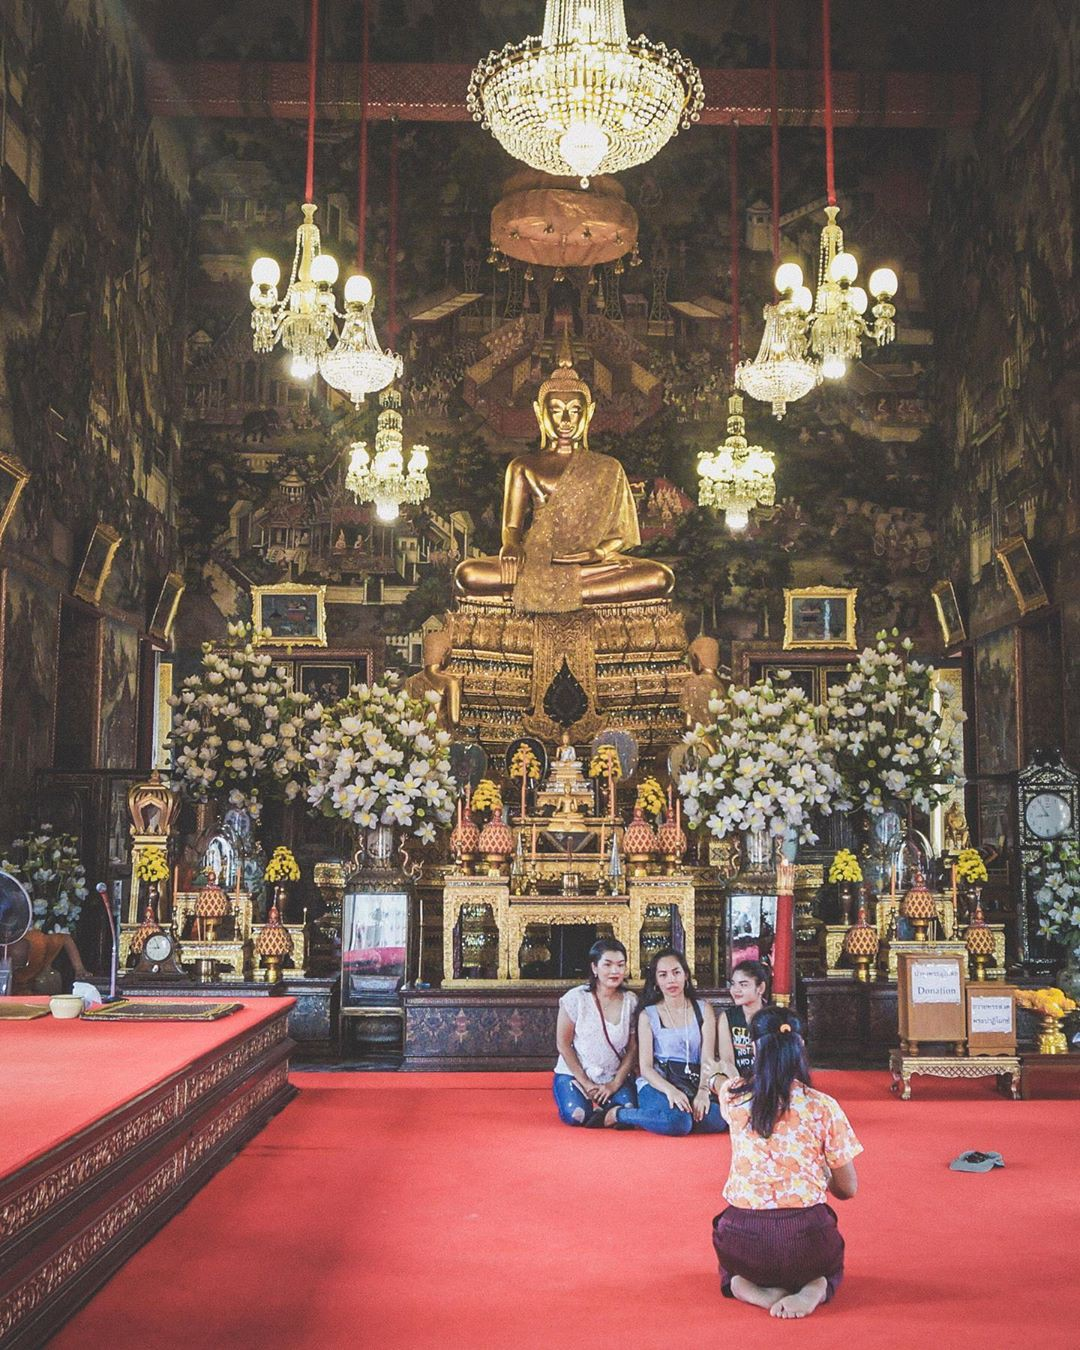 Đến Bangkok nhất định phải ghé thăm 3 cung điện siêu thực này - Ảnh 5.